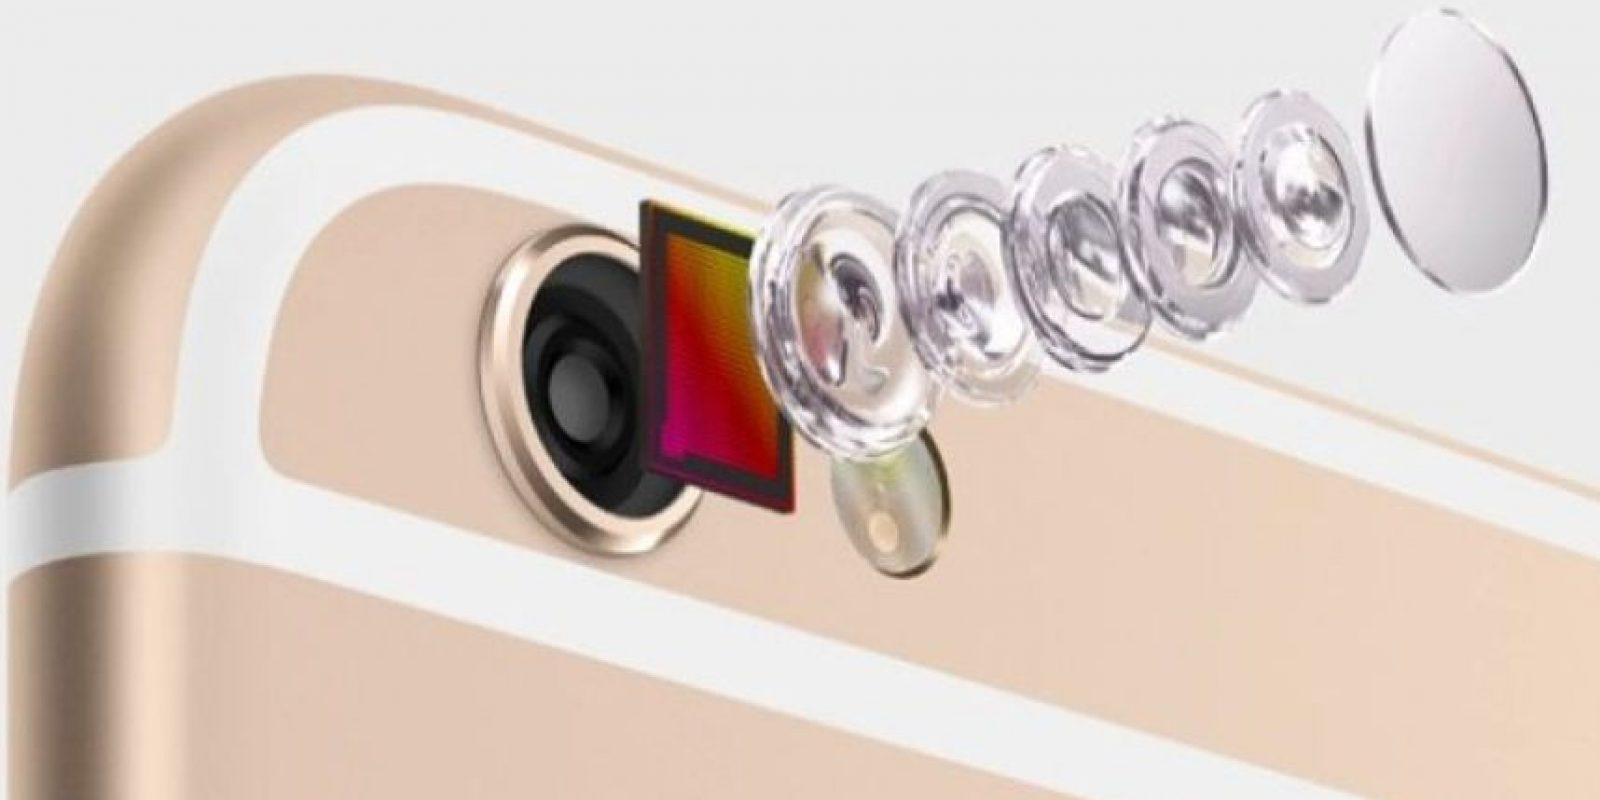 Grabación de video: 1080 pixeles con modalidad de cámara lenta a 120 o 240fps Foto:Apple